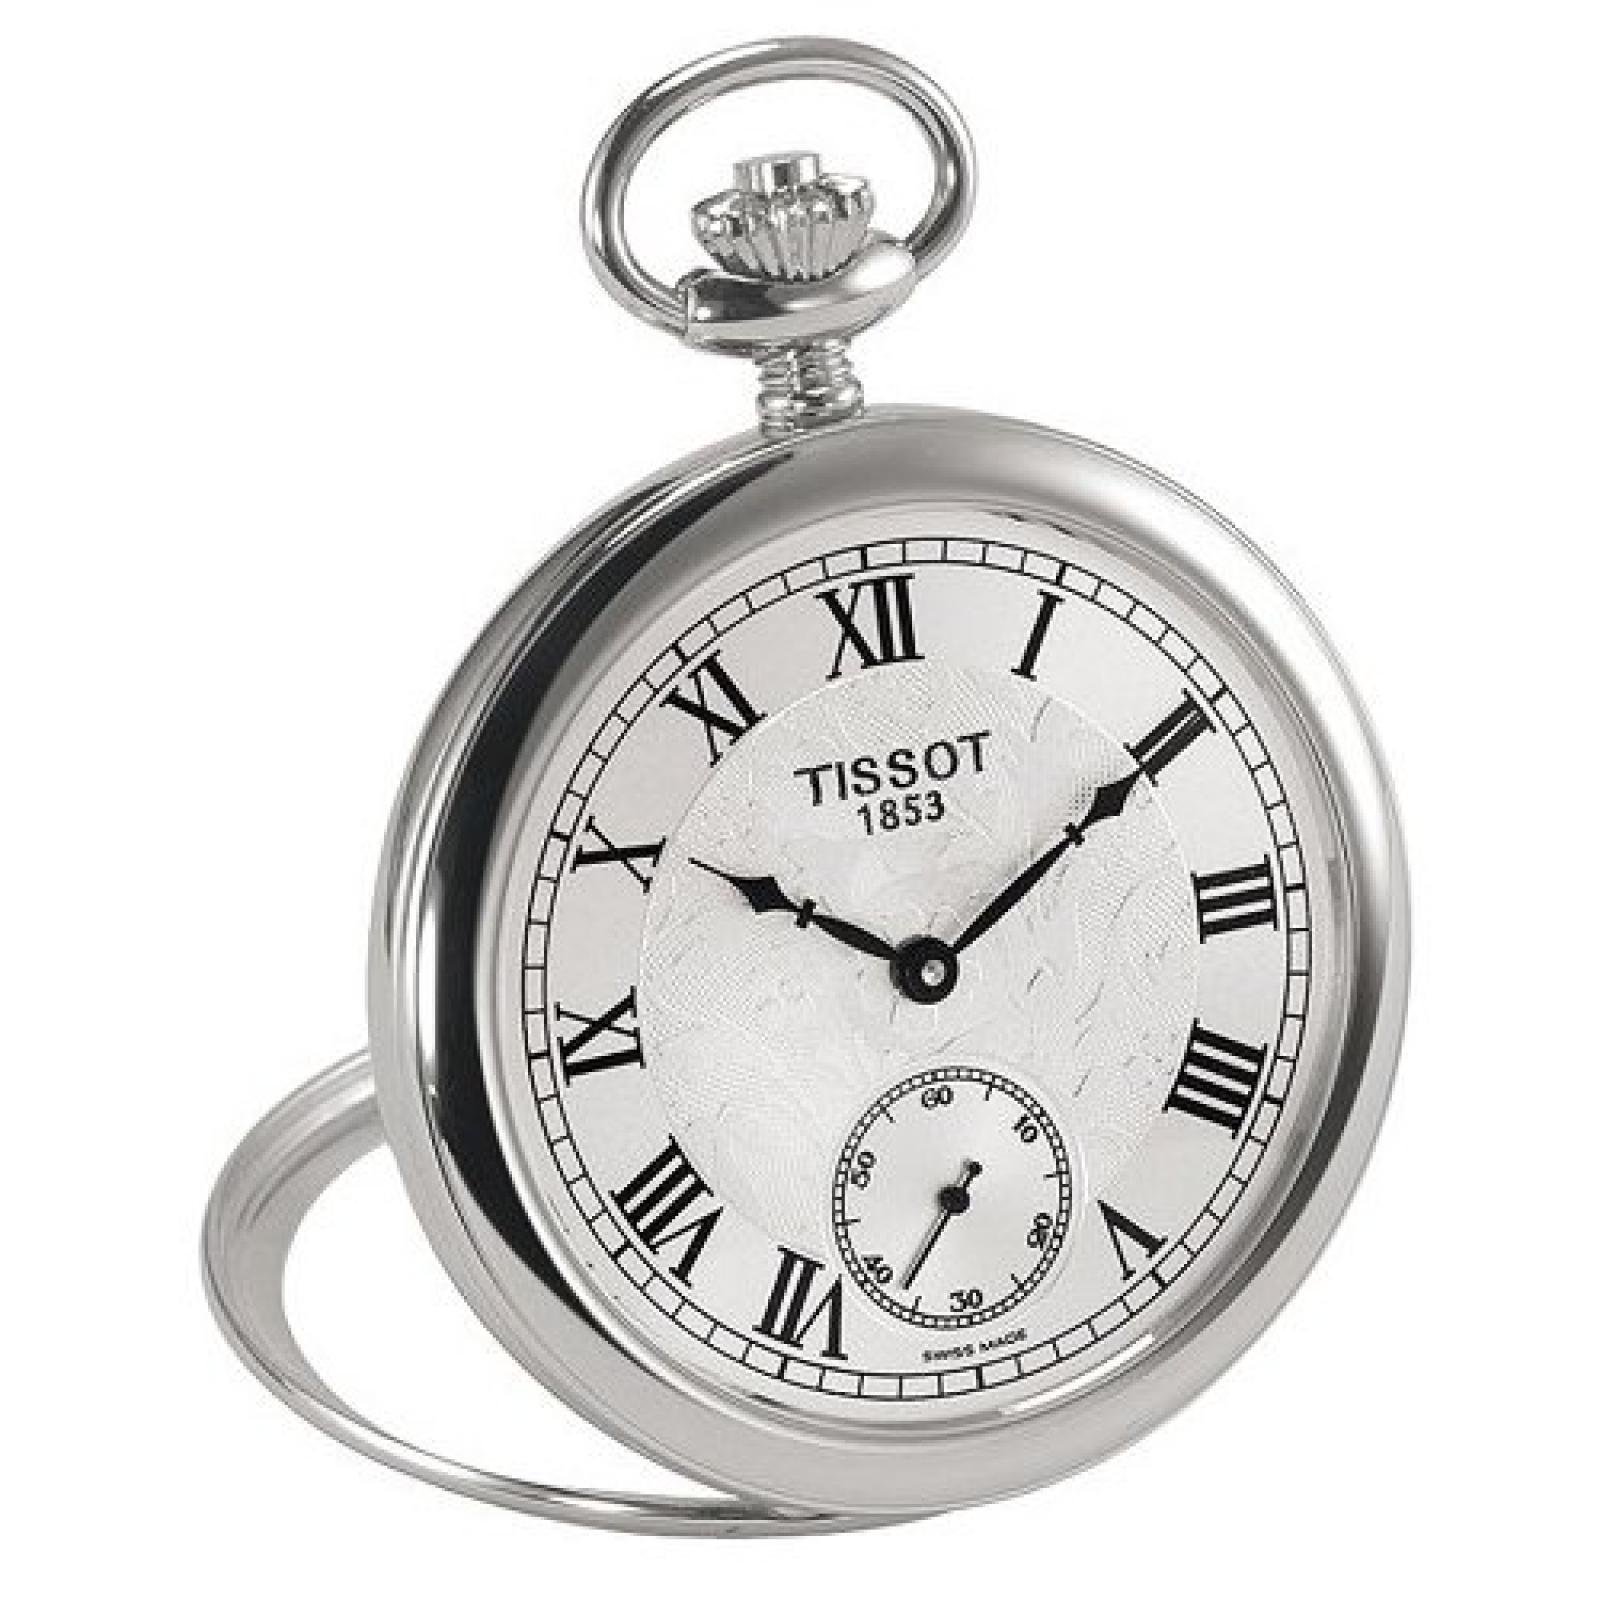 TISSOT Taschenuhr SAVONNETTES T86670033